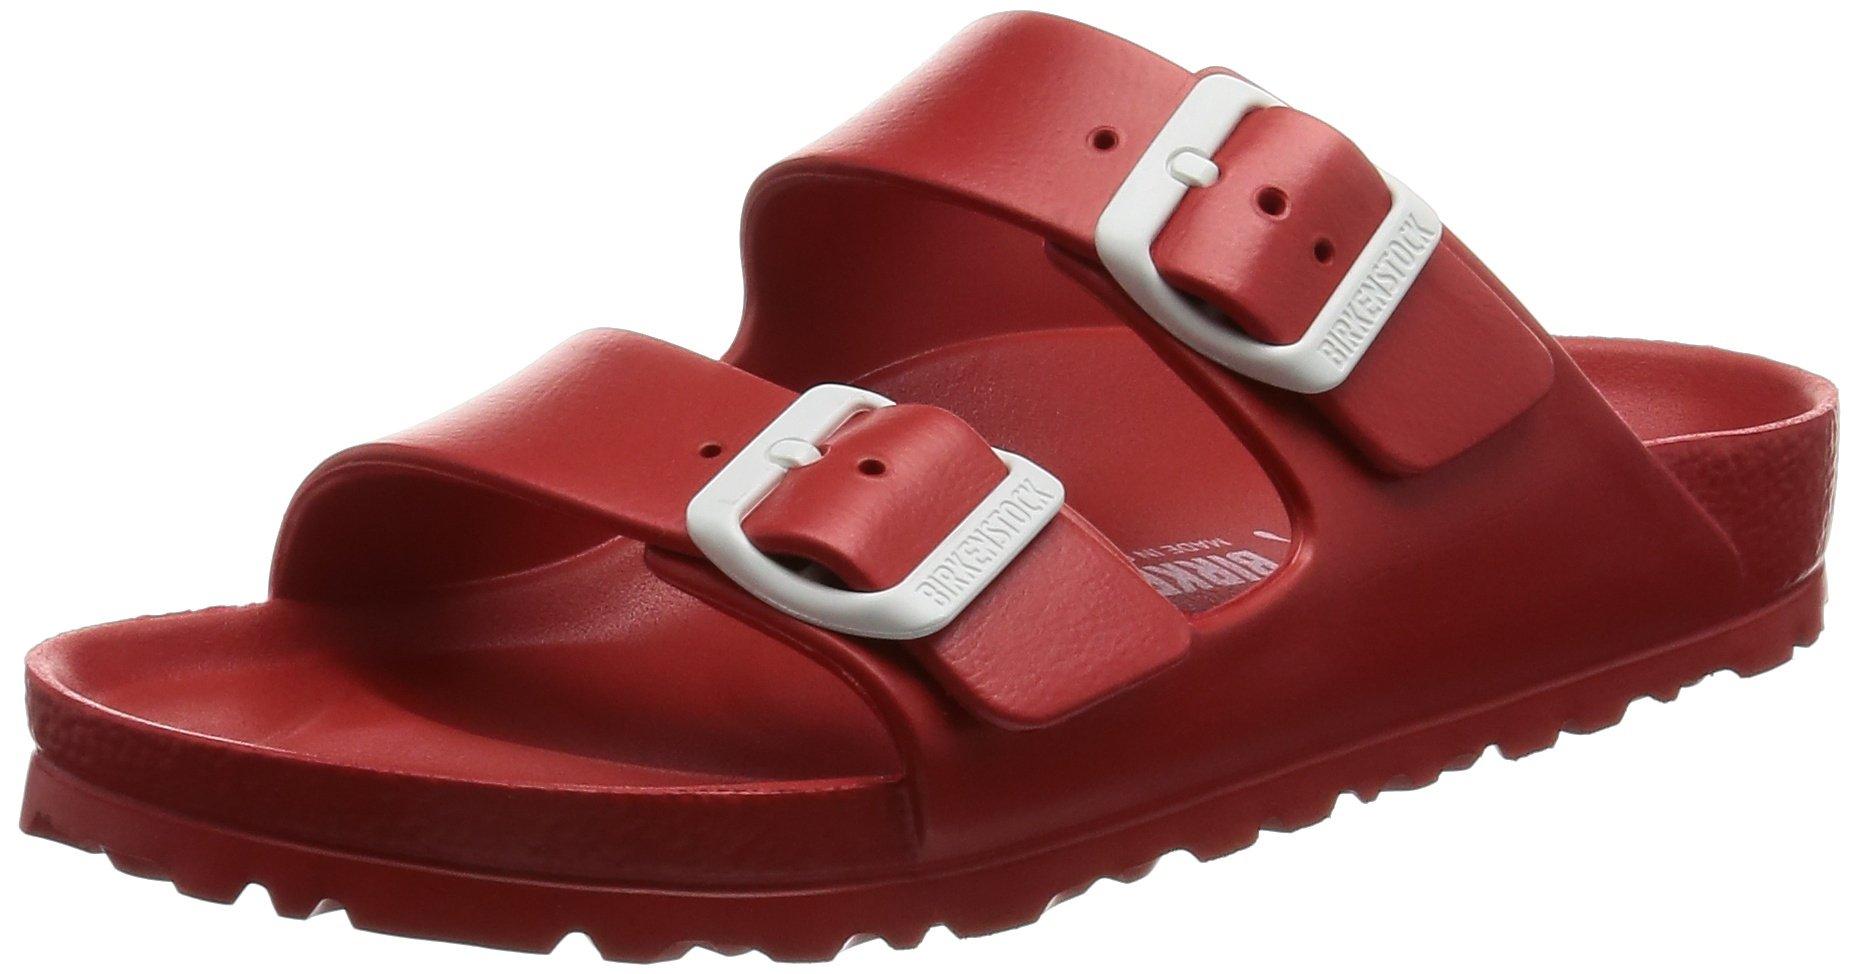 Birkenstock Unisex Arizona Essentials EVA Red Sandals - L8 M6 39,0